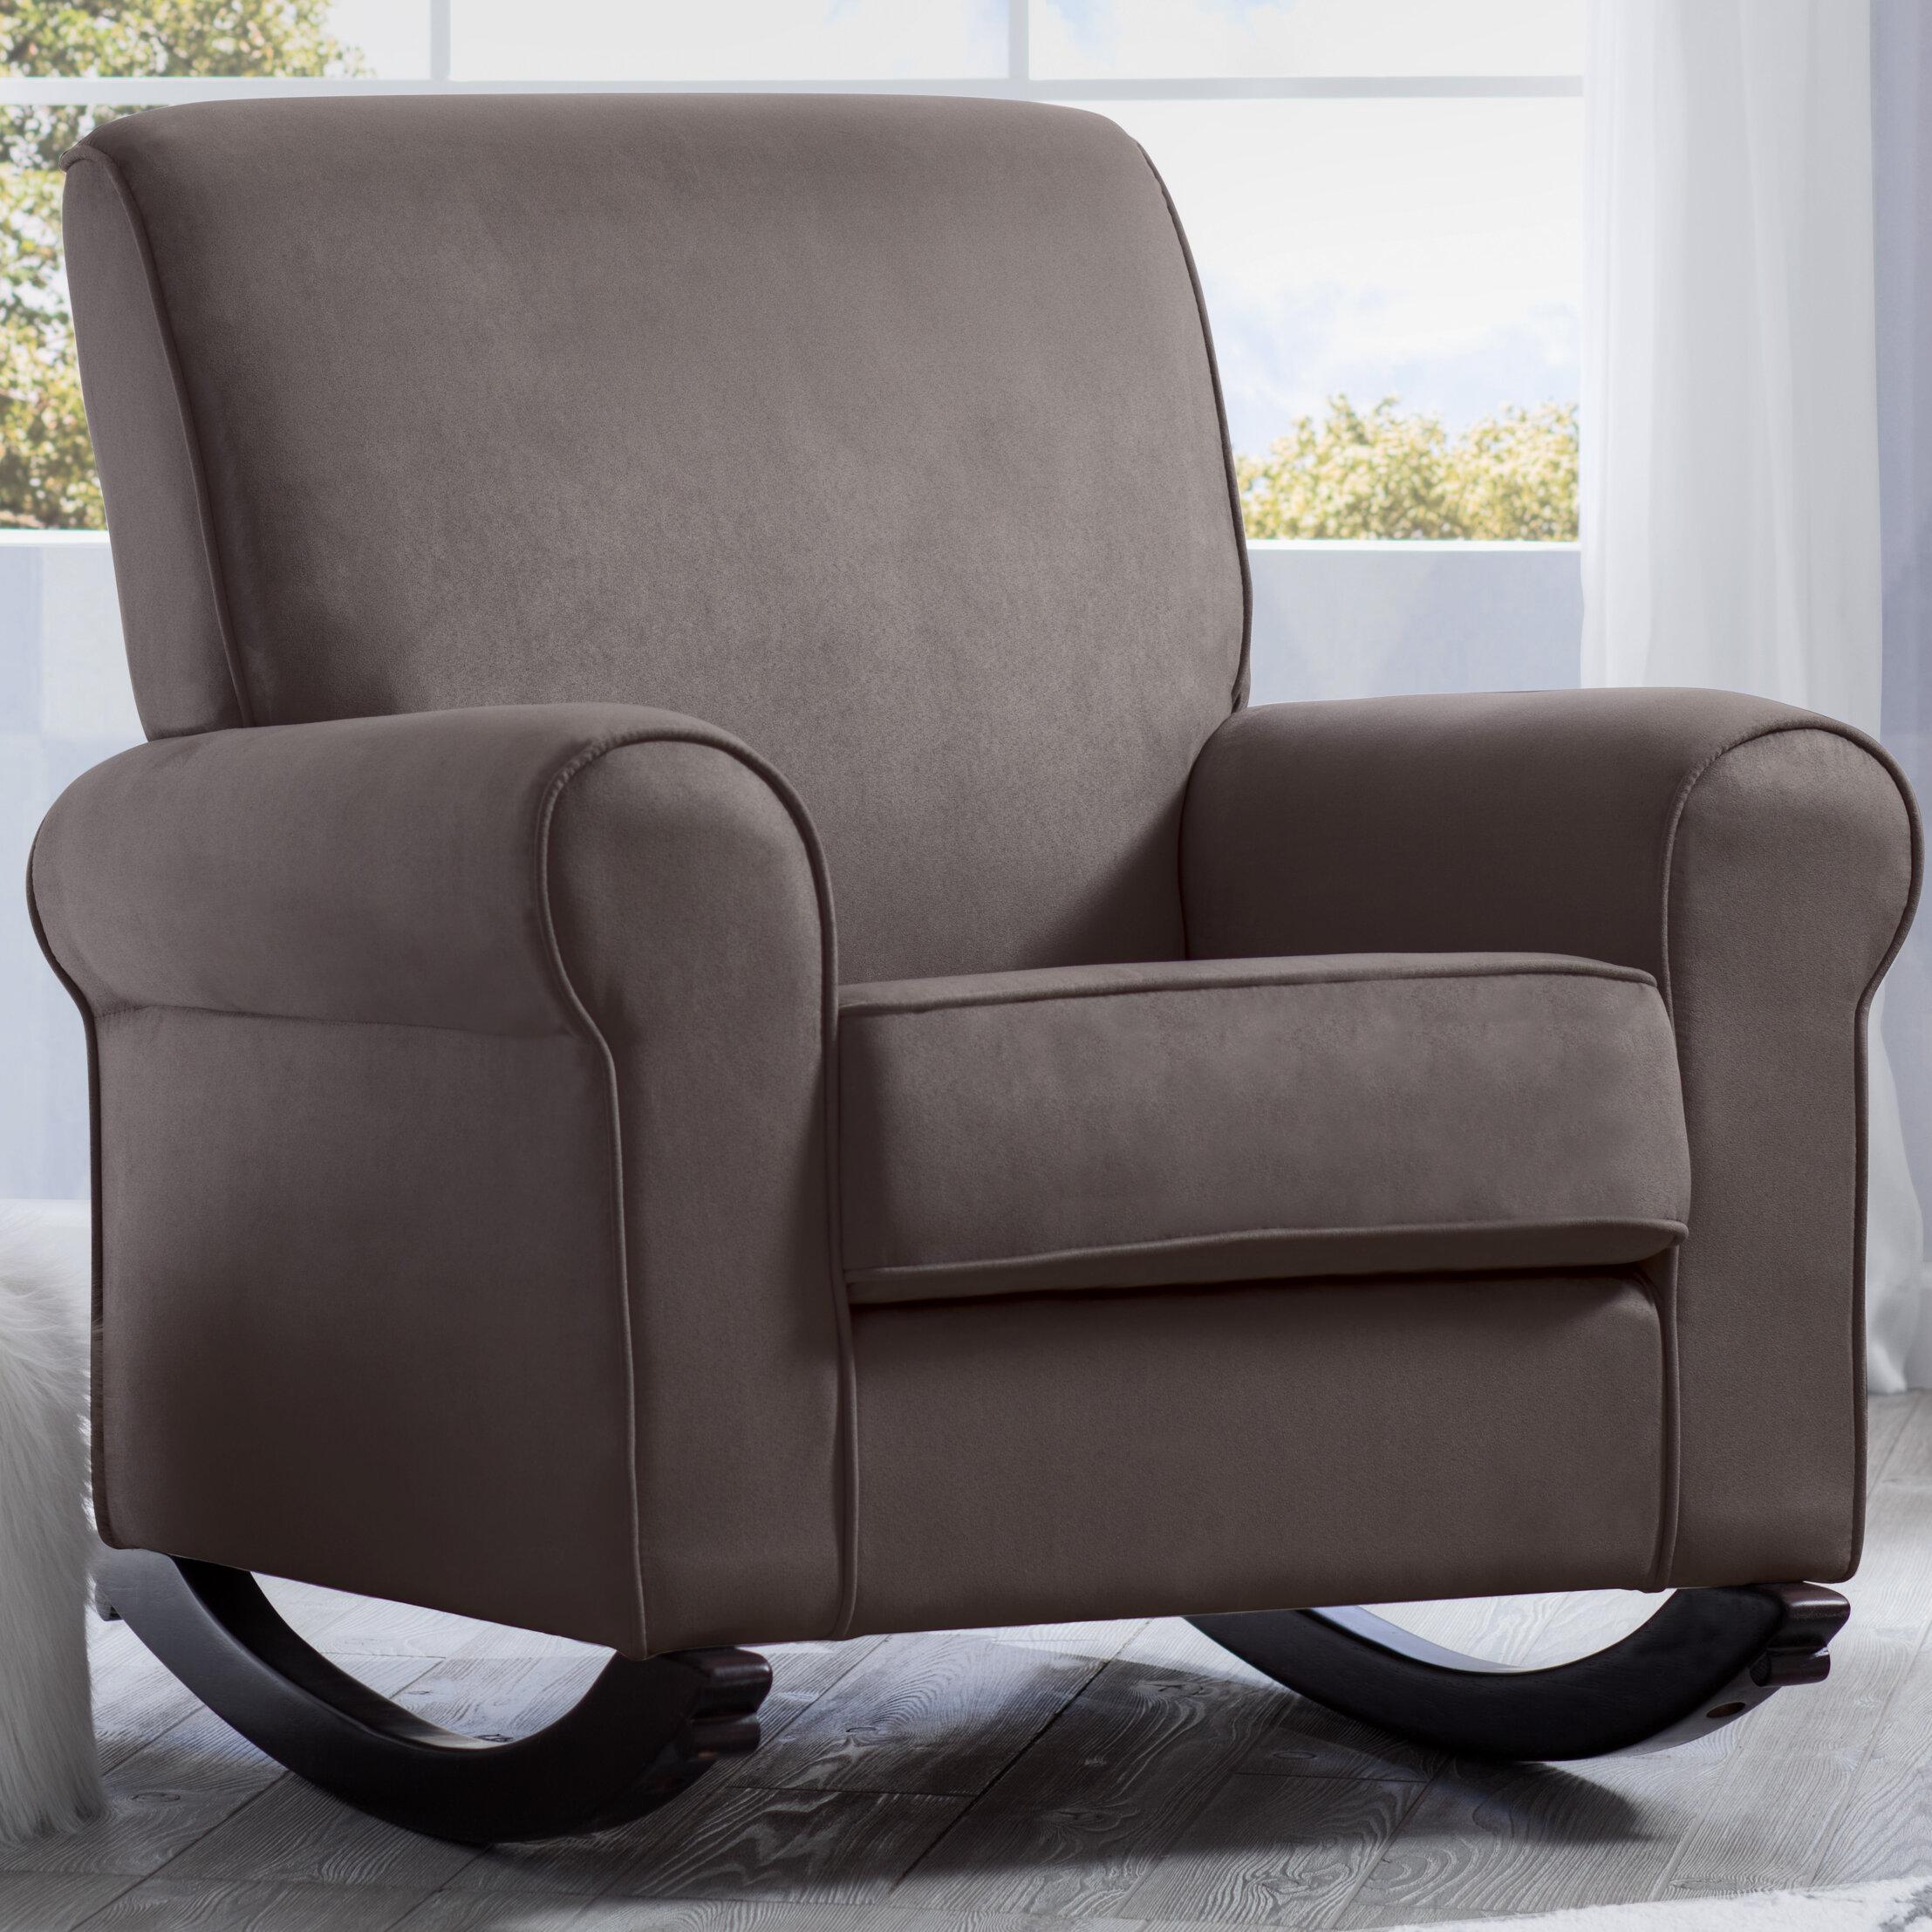 Superb Rowen Nursery Rocking Chair Unemploymentrelief Wooden Chair Designs For Living Room Unemploymentrelieforg